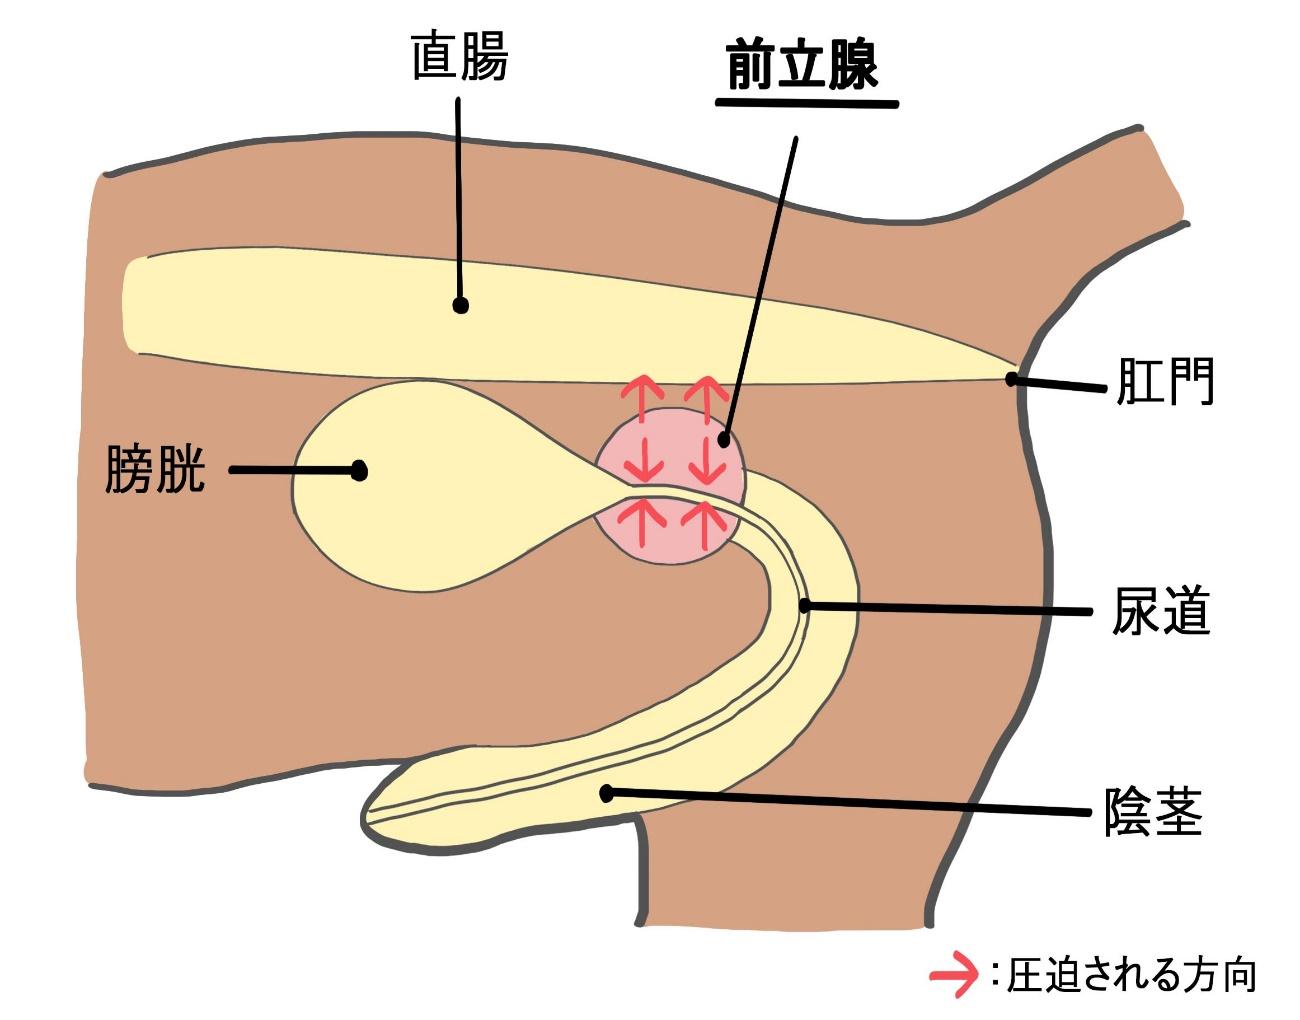 肥大 予防 前立腺 前立腺肥大症の原因と治し方|福岡県のすやま泌尿器科クリニック